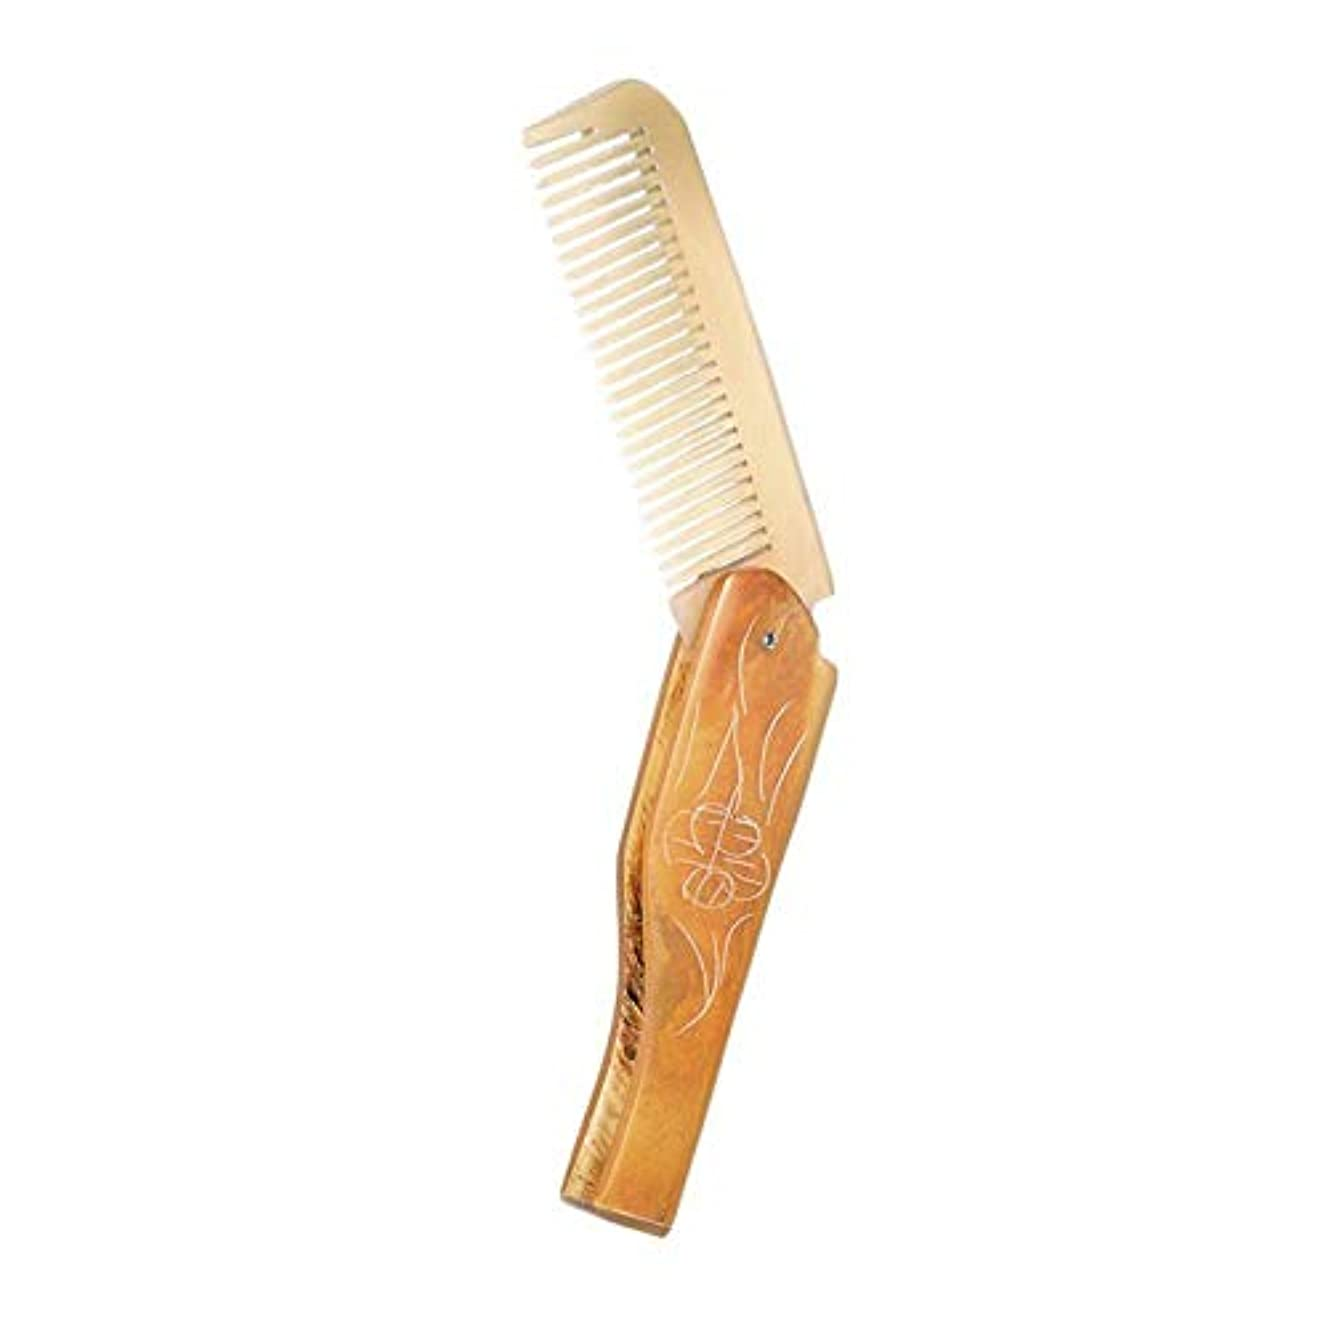 生む詳細に処理するCikuso 男性用ミニ折り畳み可能な毛の櫛のひげの櫛自然な静電防止ホーン櫛